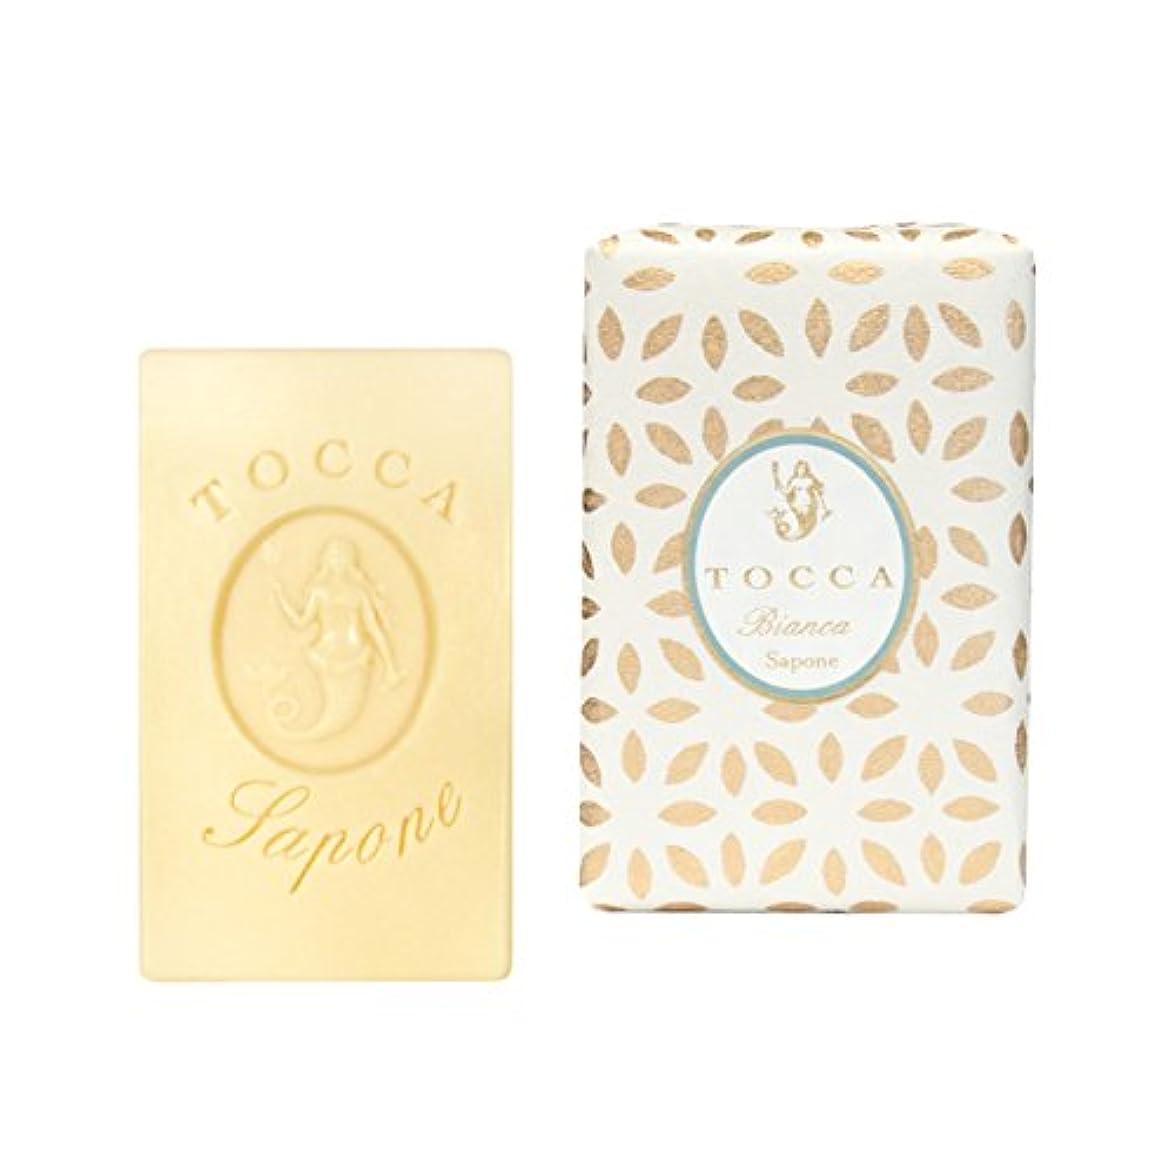 一貫性のない検索略語トッカ(TOCCA) ソープバー ビアンカの香り 113g(化粧石けん シトラスとグリーンティー、ローズが絶妙に溶け合ったほのかに甘さ漂うフレッシュな香り)